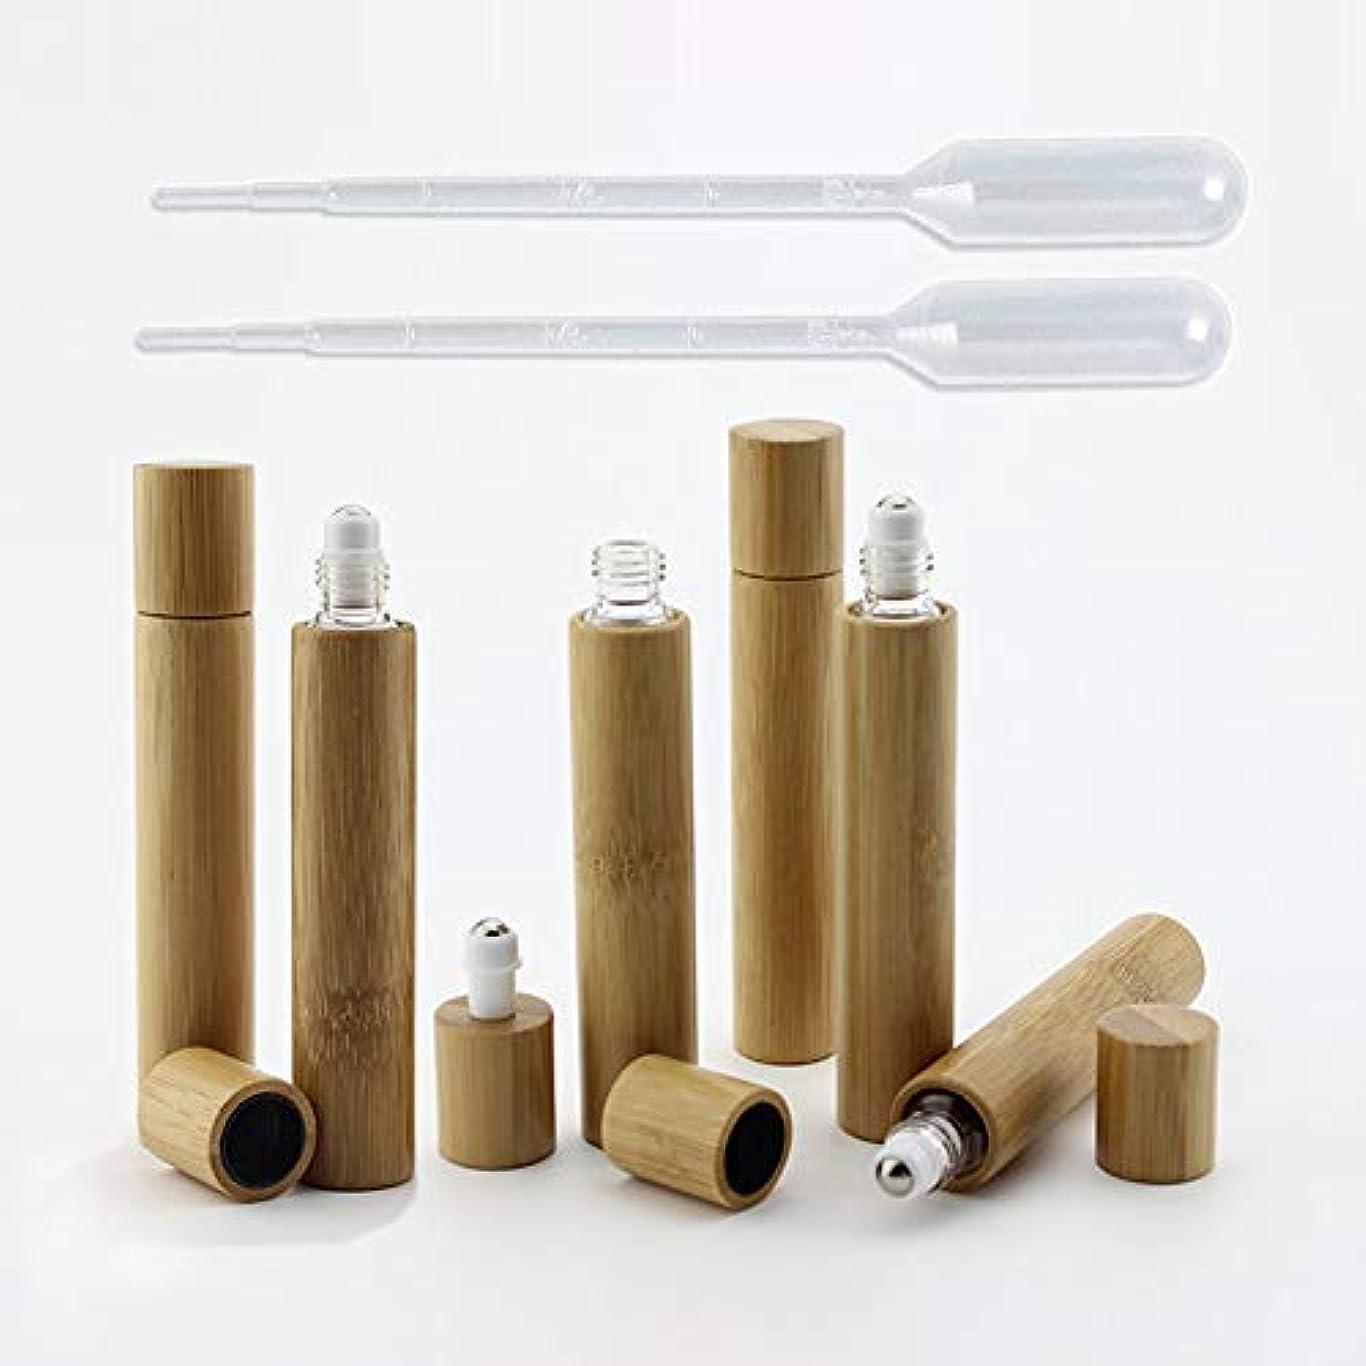 フォーム研究看板6 Pieces Roll On Bottles 10ml Bamboo Shell Clear Glass Roller Bottles Empty Refillable Essential Oil Roller Bottles...